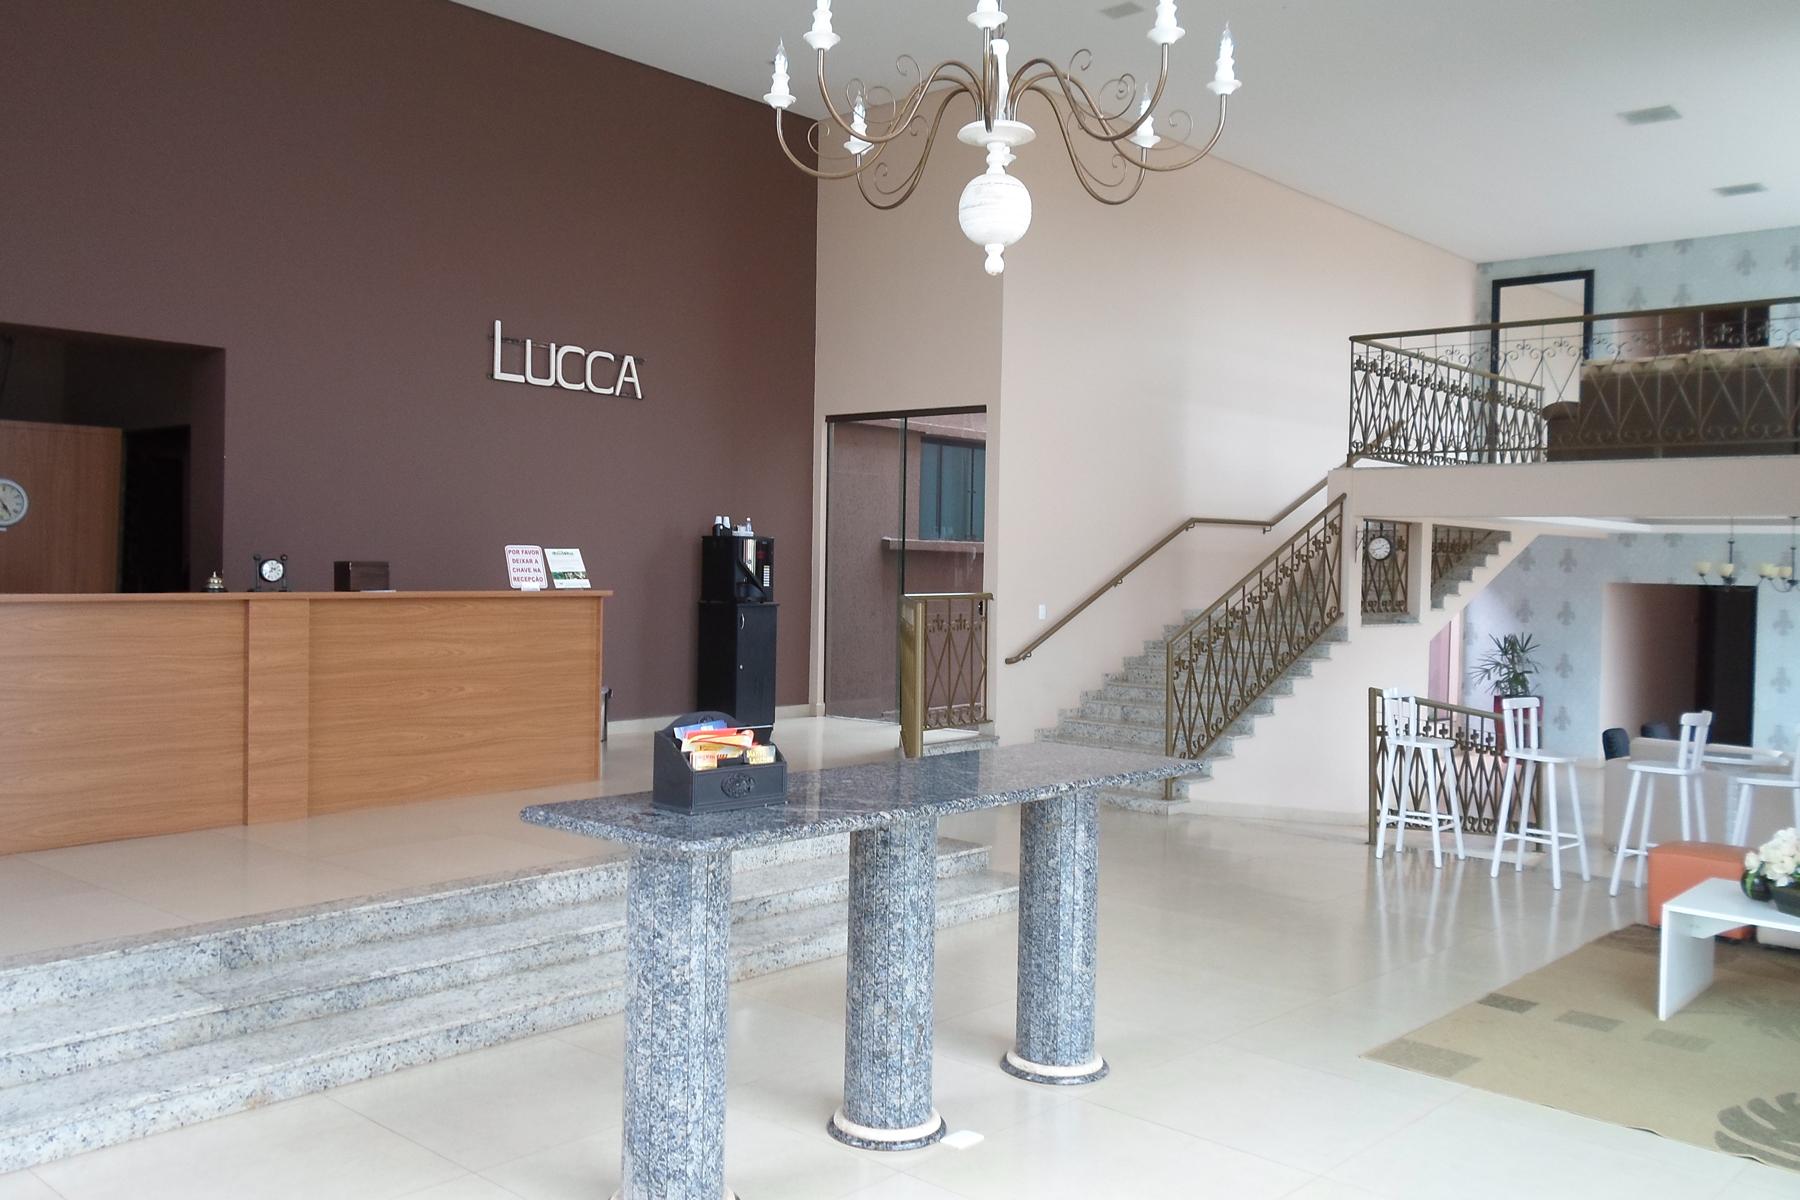 Lucca Hotel - Bonito, MS